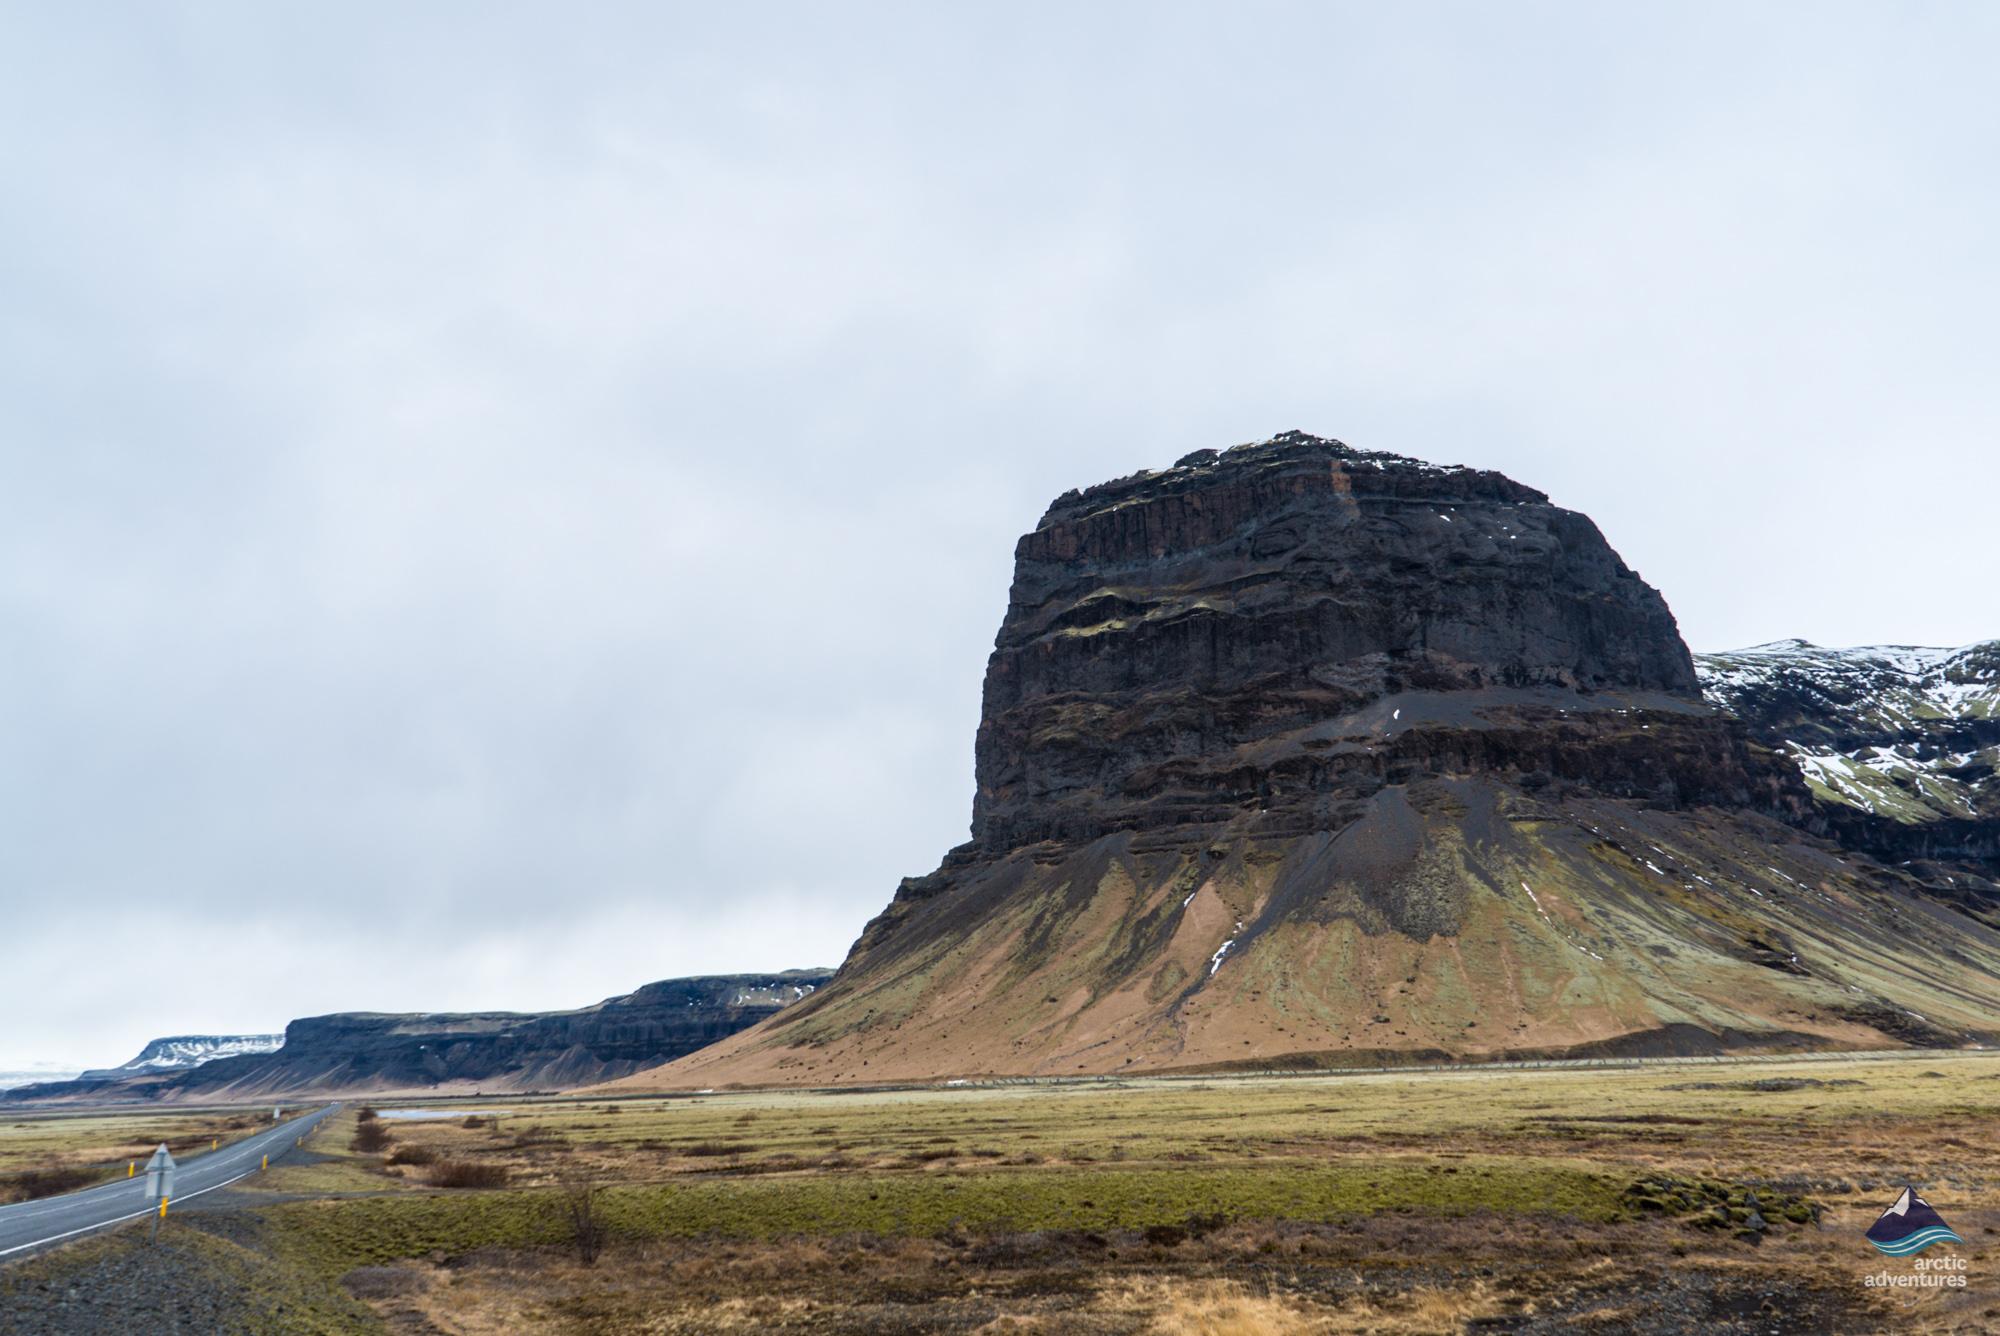 Road from Skaftafell to Reykjavík